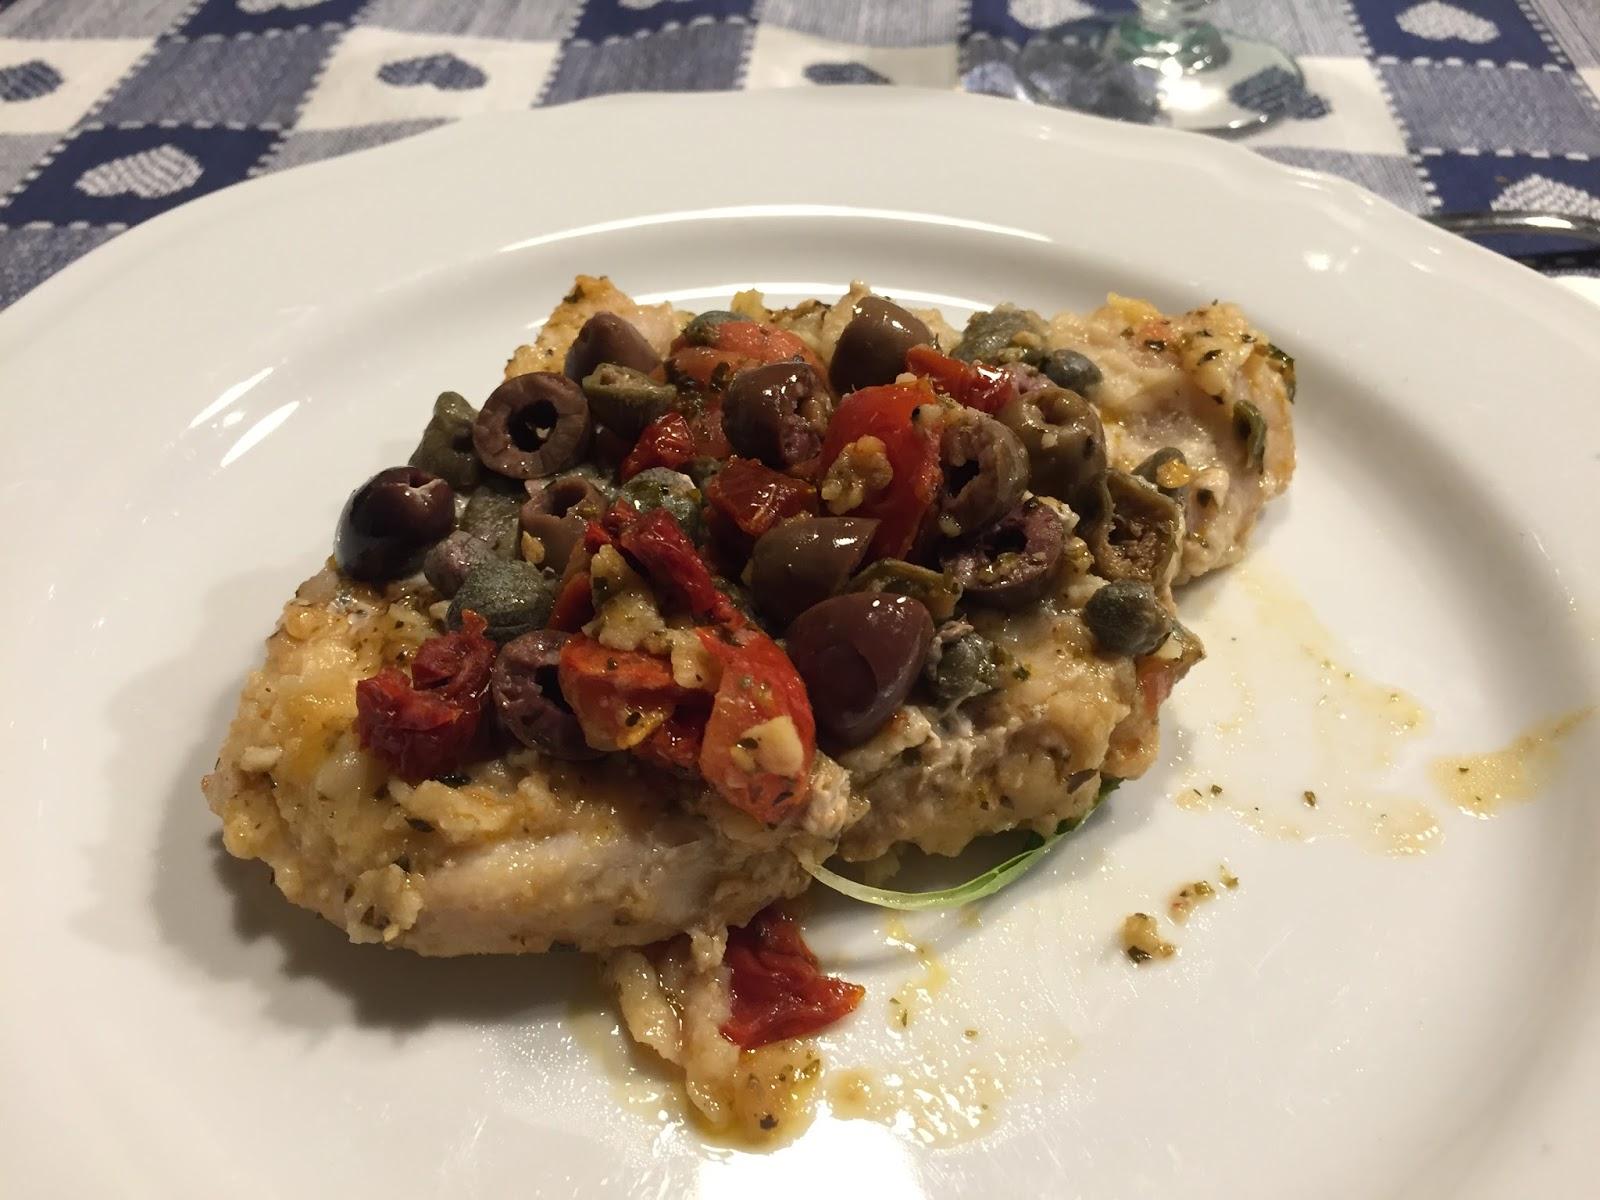 cucina con amici: Pesce spada pomodorini e olive di ... Verdiana